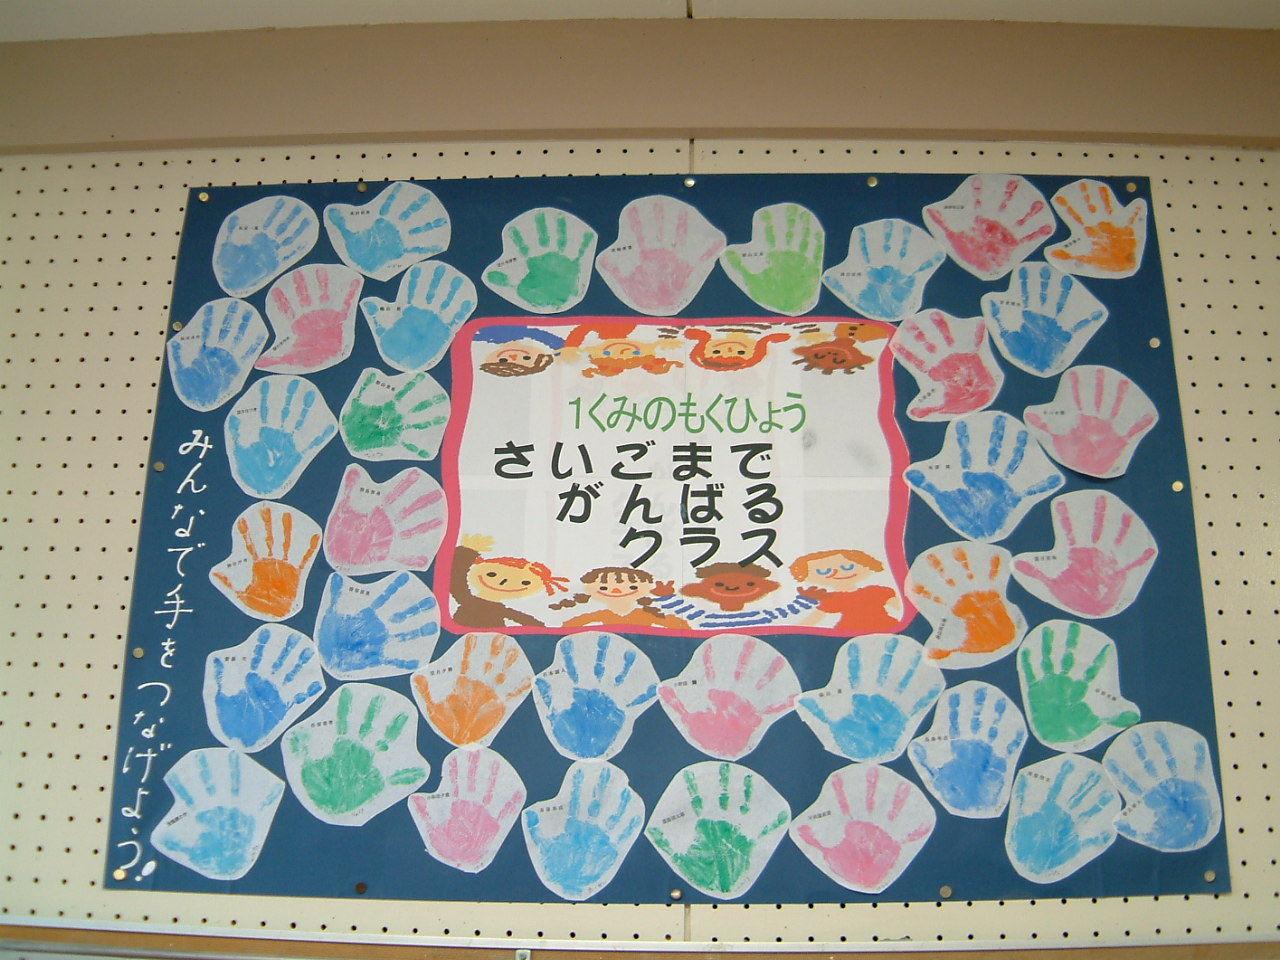 柴田克美教育大全集2014年03月01日六年生ありがとうの会(六送会)の掲示いろいろ・卒業を入学に変えて入学式にも使えるようにします学級だよりに載せる誕生日カード(載せてみんなで拍手するだけ)ピノキオ先生の推薦図書50冊カード5年生版教室掃除のやり方・教室水ぶきのやり方 掲示しておく日直当番の仕事・中、高学年用掃除分担(高学年用・名前磁石でずれていくようにする)日直当番の仕事・1年生用給食当番表・円を回していく(2チーム制1週間交代)係の仕事表(低学年版)座席表9班用(教師側から見たところ)日々の授業に使う係の仕事表(高学年版)係の仕事表・帰りの会での1分仕事も含む(高学年版)係の仕事表・帰りの会での1分仕事表も含む 中学年版社会科を中心にした横断的な学習計画6年学級経営案(より具体的に教科の発問まで書いてあります)給食当番表(学期で交代する)給食を残さず食べよう完食カード(期間を決めてやる)学級だよりに載せるとイイ文章「家庭訪問の御礼」学年会はチェックリスト方式でやる(4回分を掲載)5年生の例話し手を喜ばせる聴き方をしよう・掲示用(学級のしつけ・あいうえお)1年間のめあてを書く紙(自分の顔写真の下に貼る)学級の10の決まり(おきて・低学年版)教室での声の出し方を示す「声のものさし」教室前面に貼る学級目標その2教室前面に貼る学級目標その1